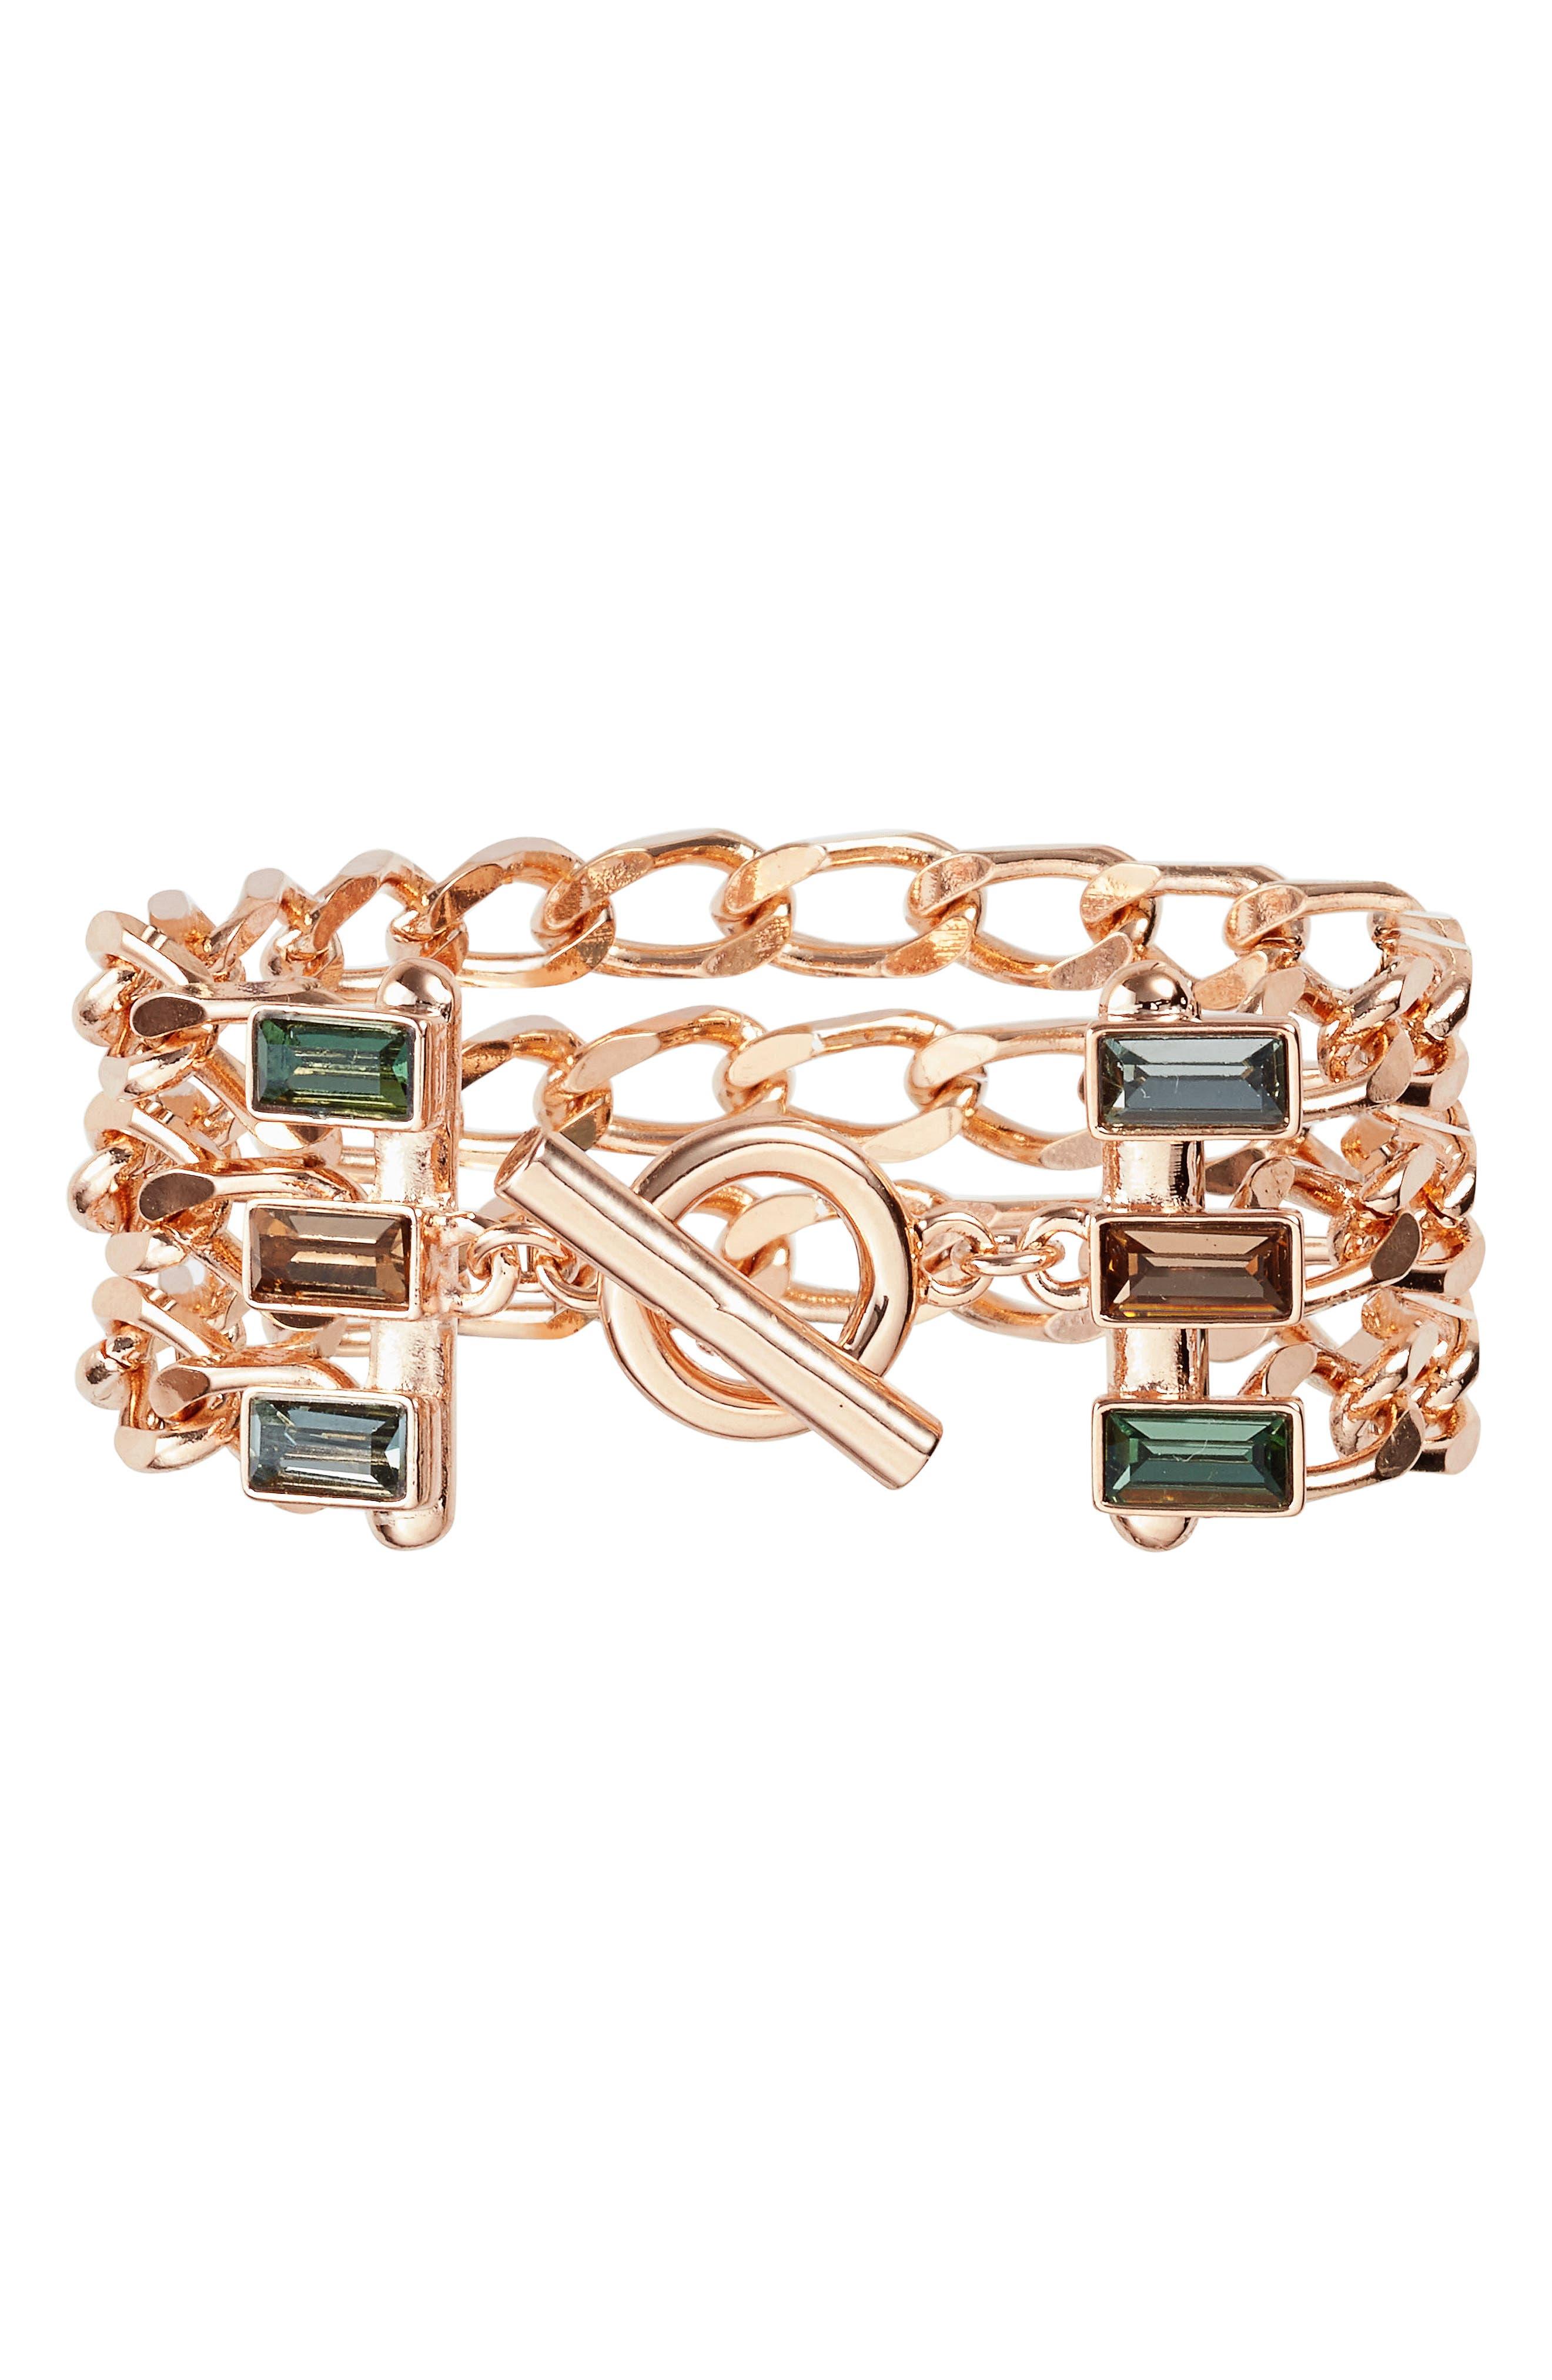 VINCE CAMUTO Multistrand Link Bracelet